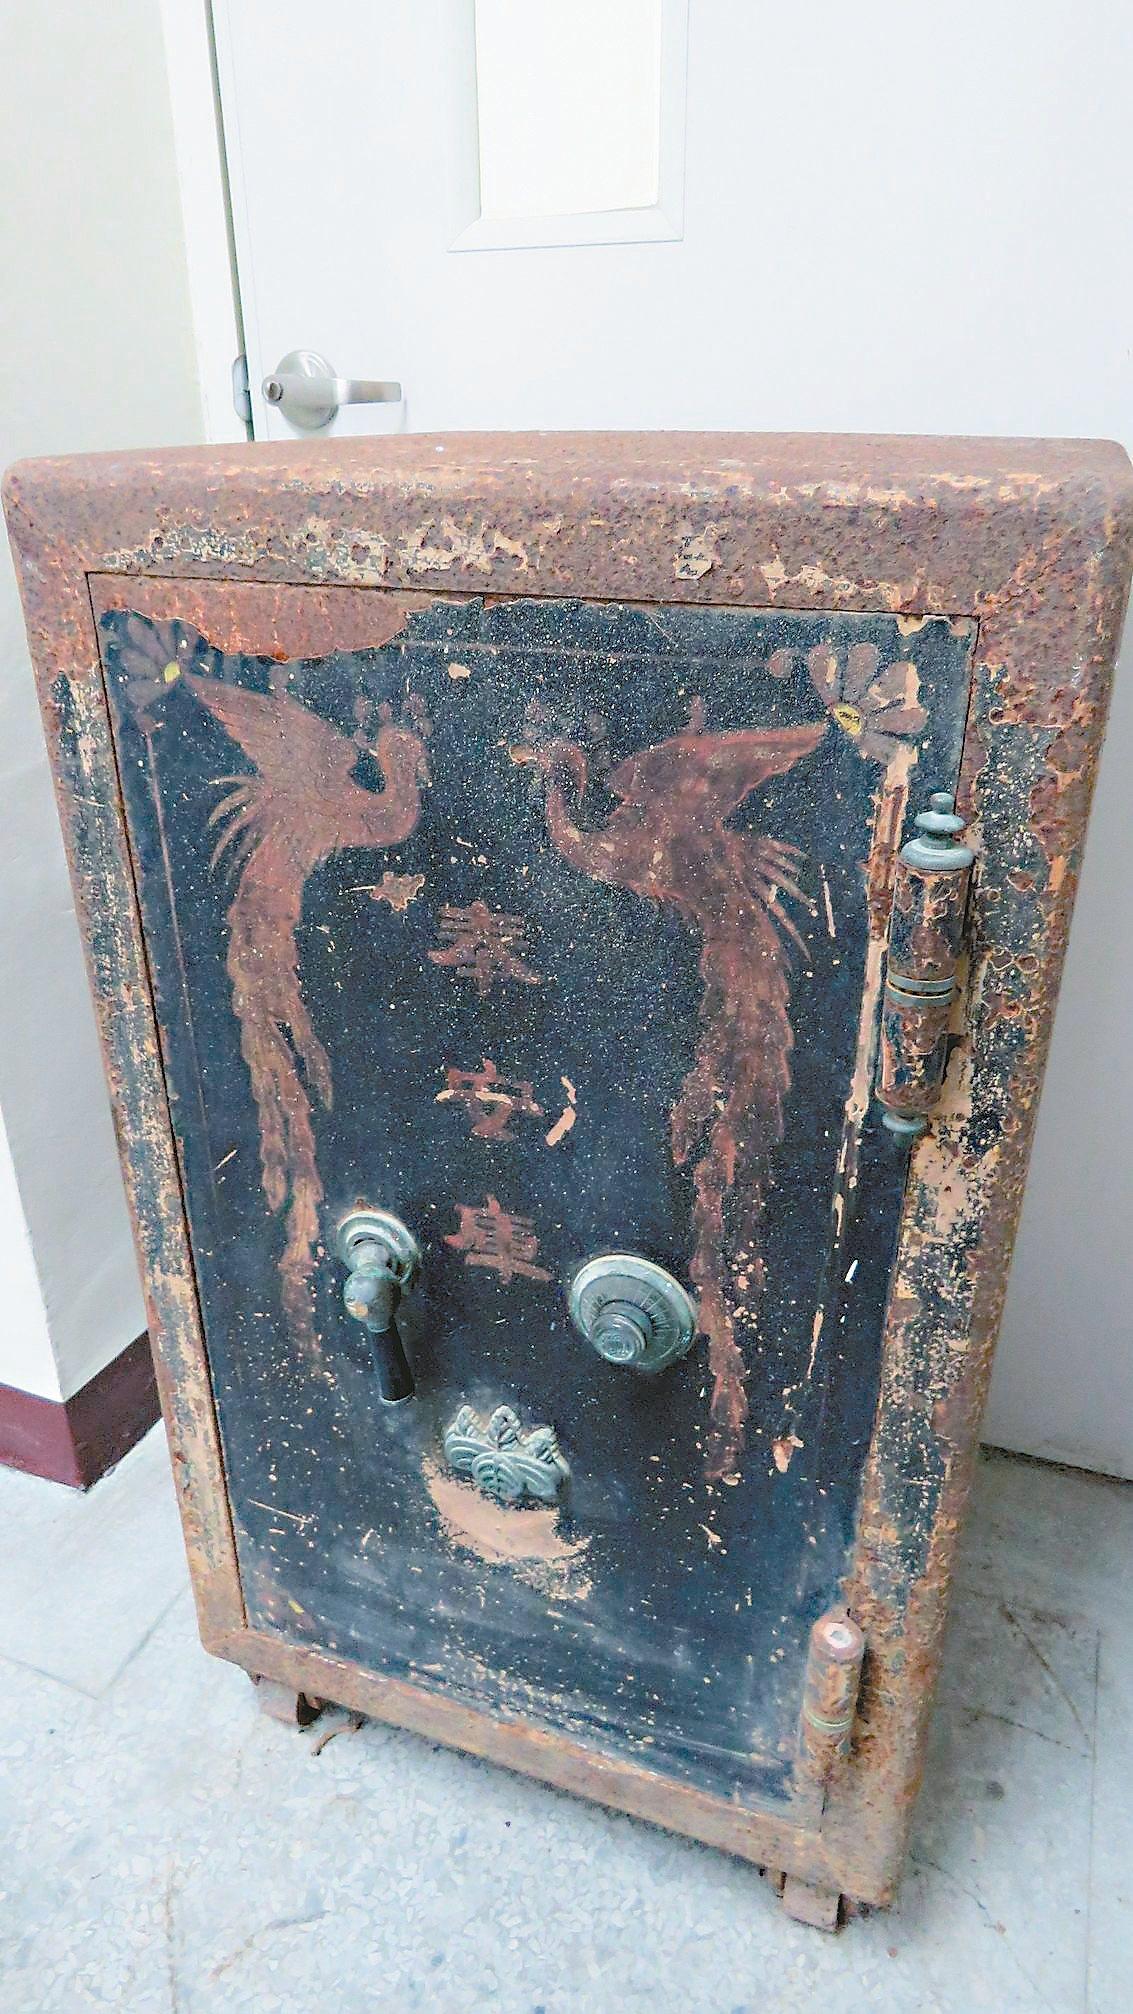 桃園市龍潭國小近日整理校舍時,找到一座寫有「奉安庫」字樣的古老保險箱。記者張弘昌...